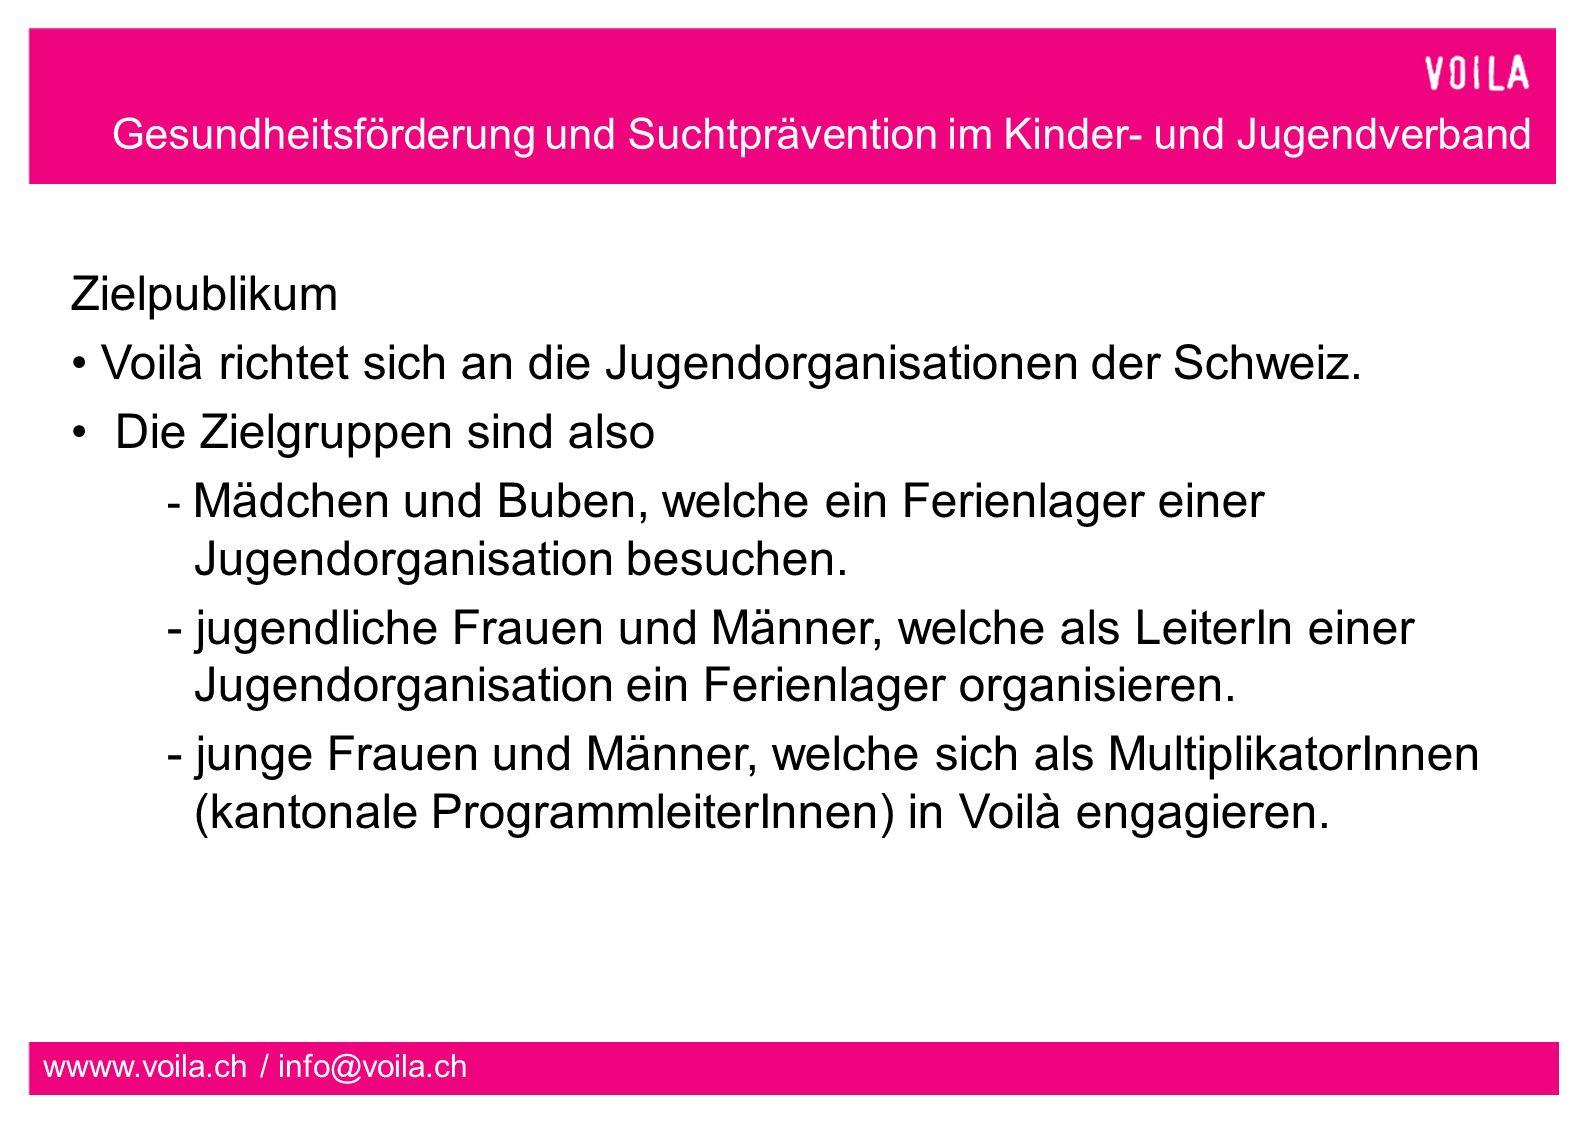 Gesundheitsförderung und Suchtprävention im Kinder- und Jugendverband wwww.voila.ch / info@voila.ch Zielpublikum Voilà richtet sich an die Jugendorganisationen der Schweiz.